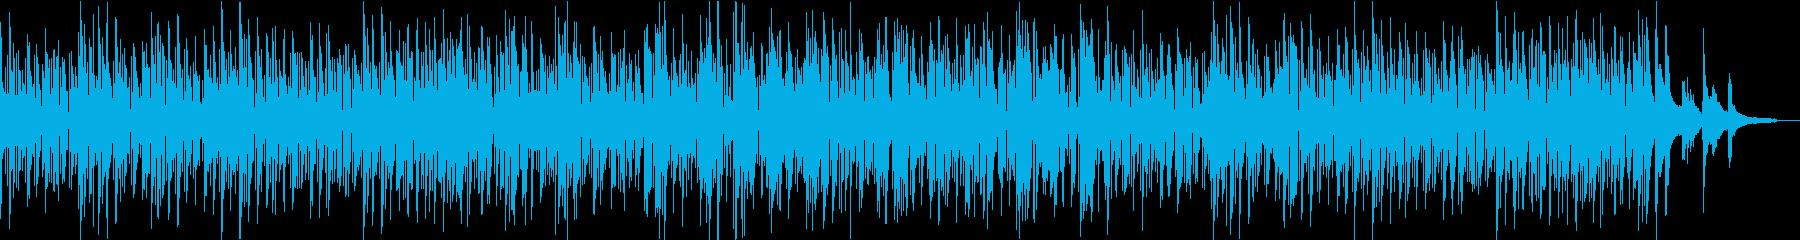 お洒落なボサノバでガーシュイン名曲の再生済みの波形